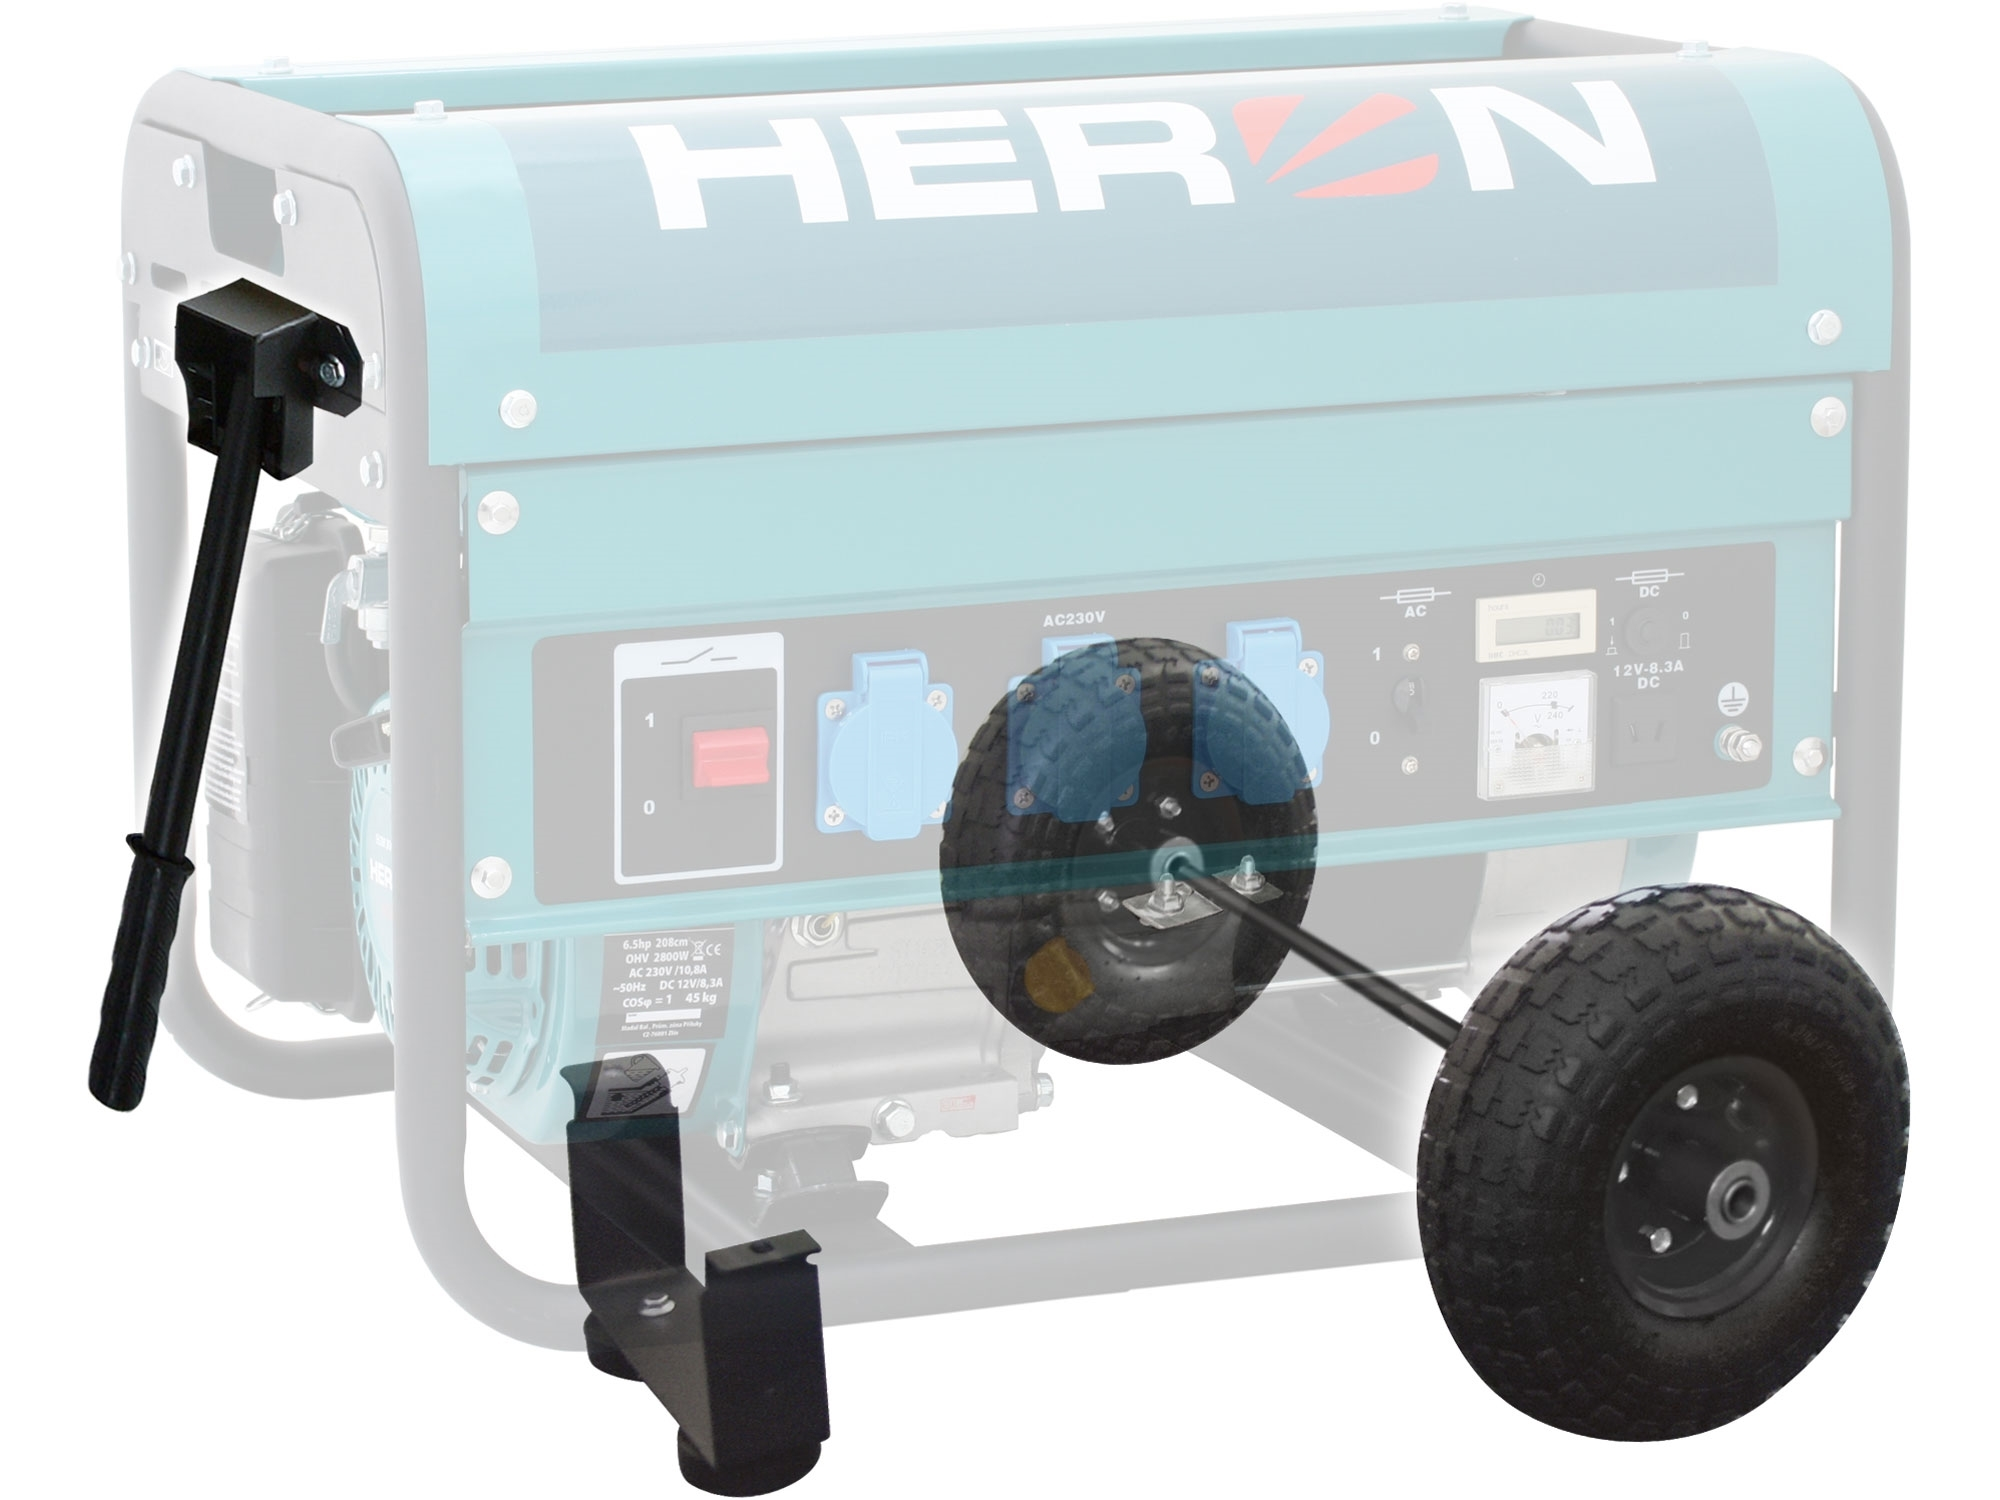 podvozková sada, HERON, CHS 25-30 8898104